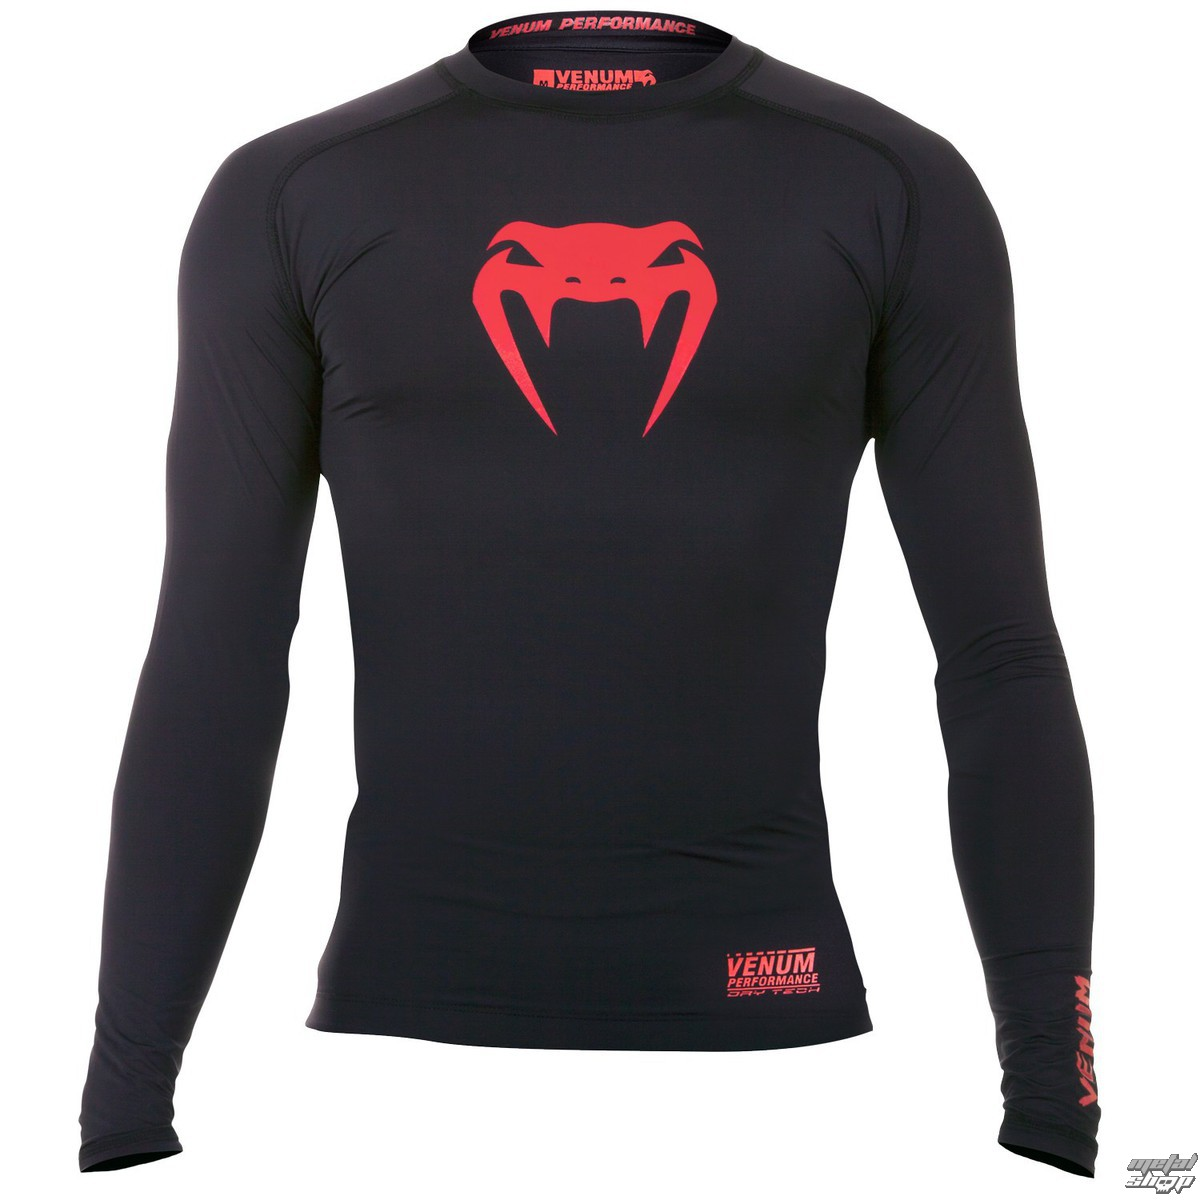 tričko pánské s dlouhým rukávem (termo) VENUM - Contender Compression - Red Devil - EU-VENUM-1161